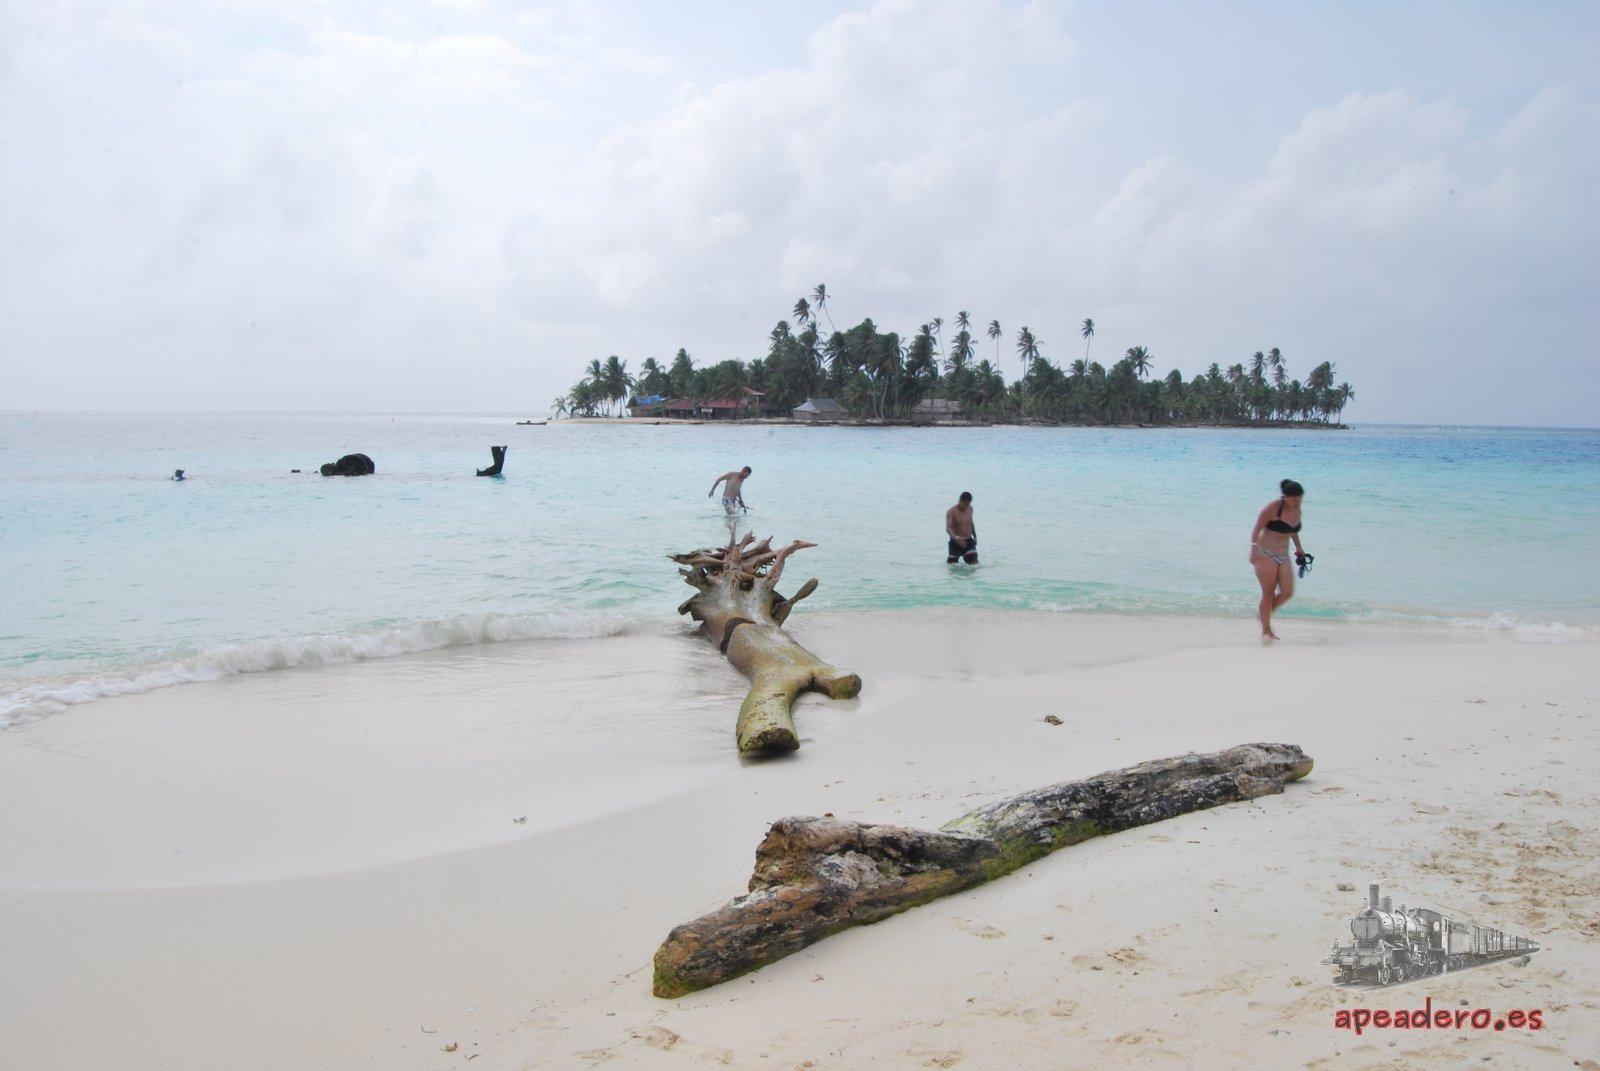 A poca distancia de la Isla Perro Chico está la Isla Diablo. En medio, el barco hundido que es la principal atracción turística de Perro Chico.